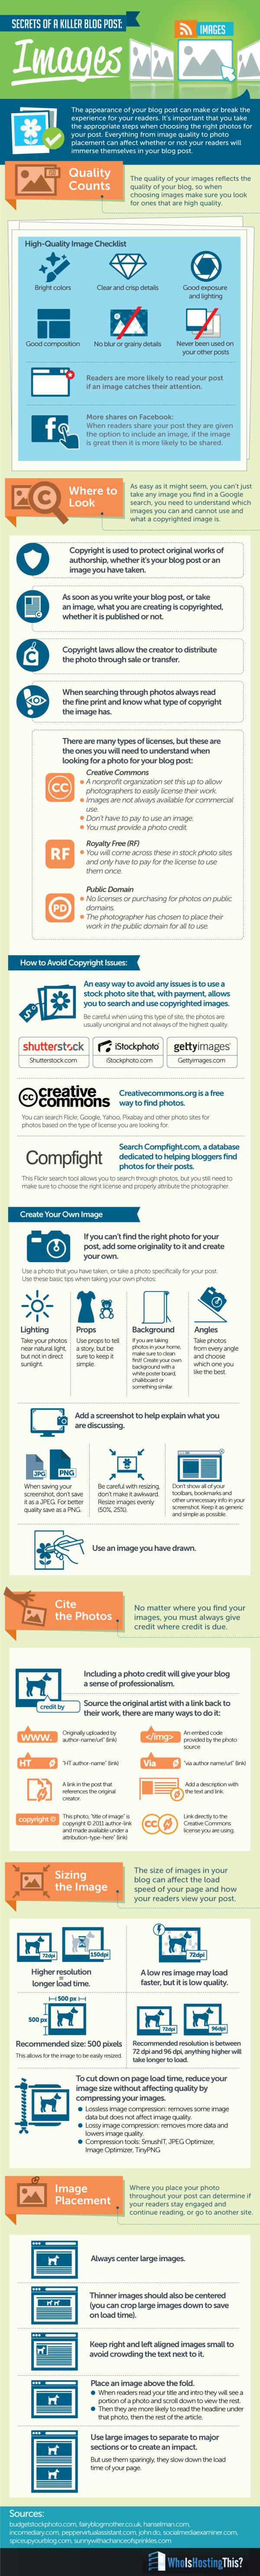 Secrets of a Killer Blog Post: Images infographic